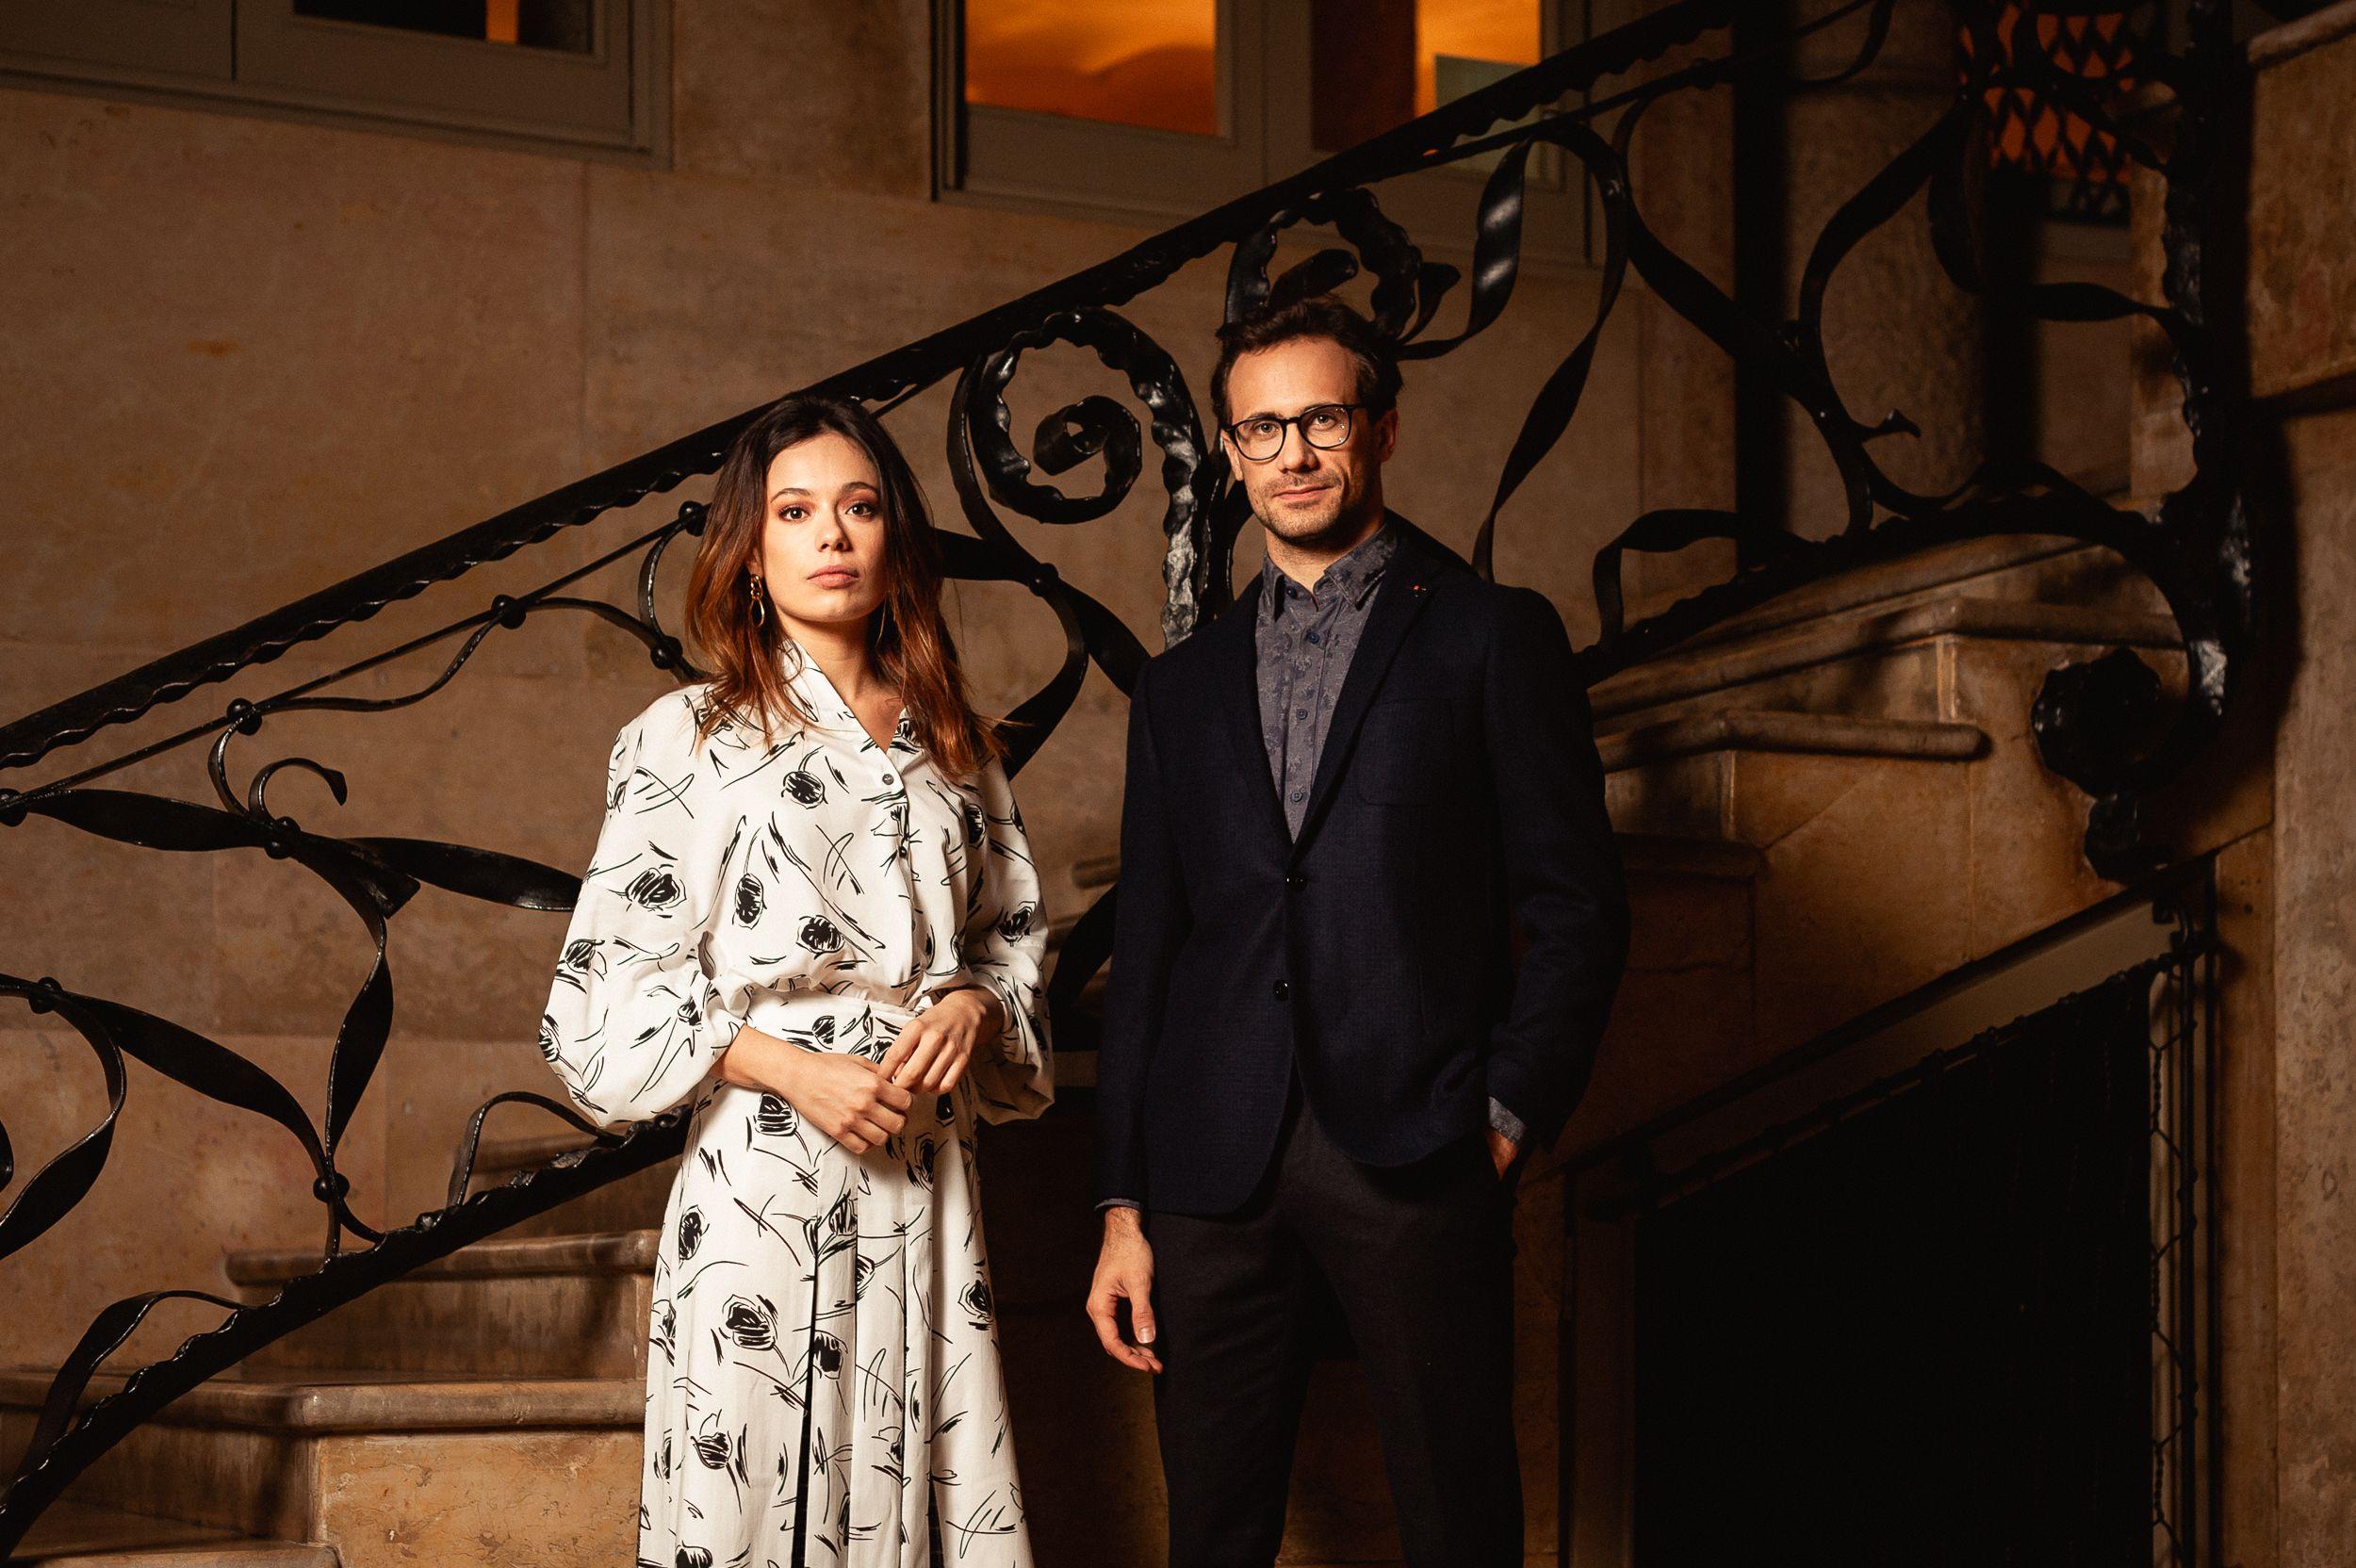 Premios Gaudí: 'La hija de un ladrón', 'Los días que vendrán' y 'La inocencia', entre las más nominadas